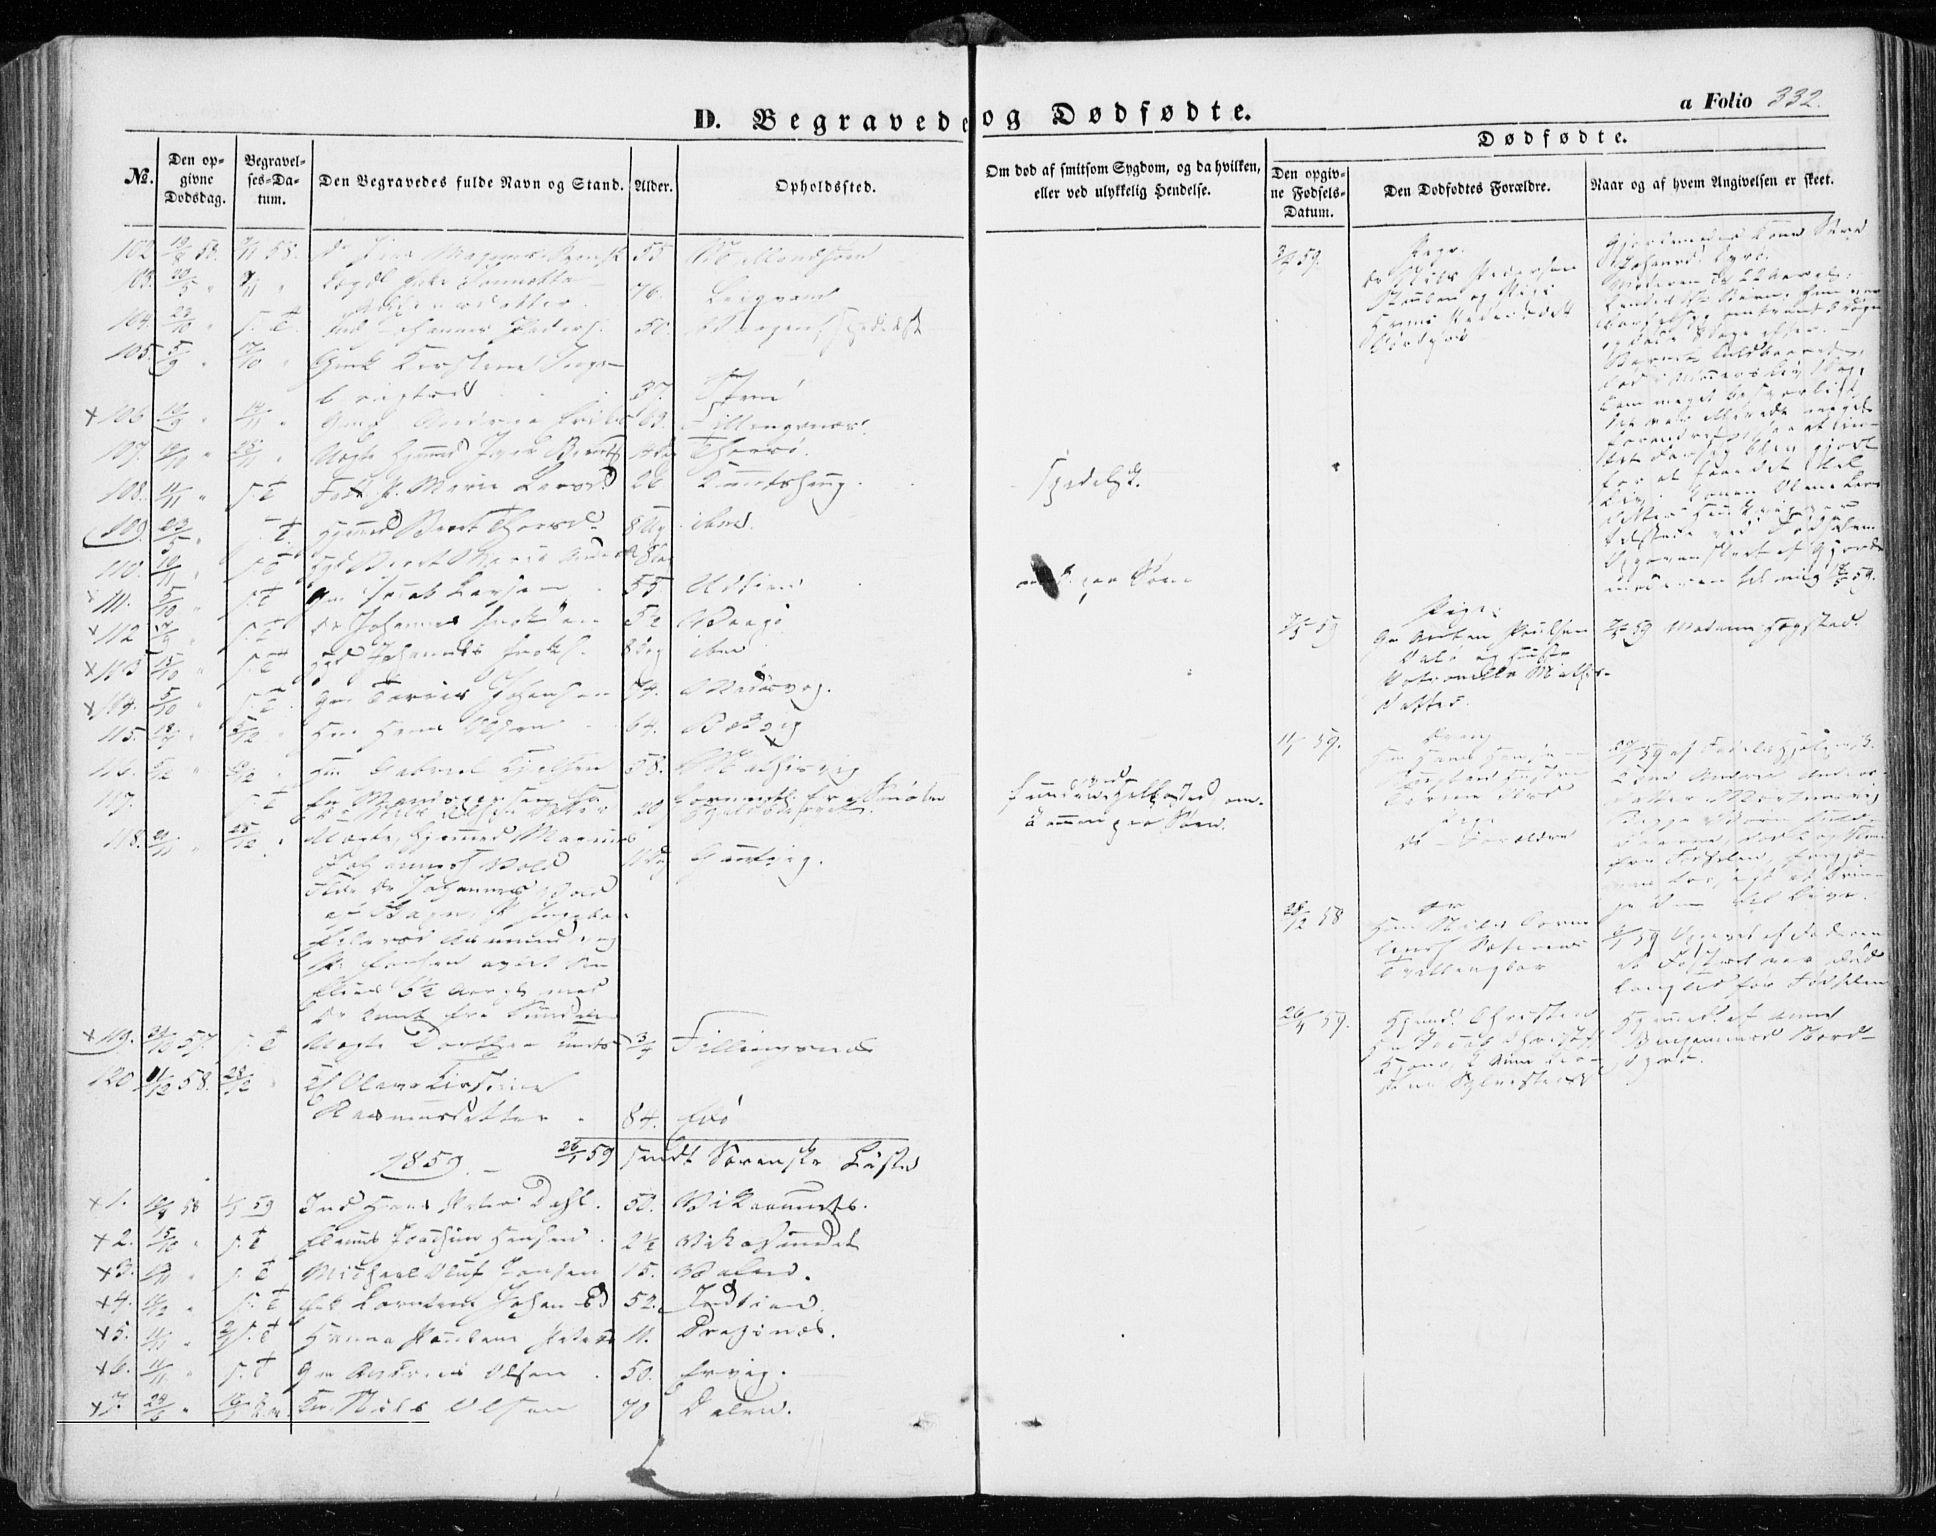 SAT, Ministerialprotokoller, klokkerbøker og fødselsregistre - Sør-Trøndelag, 634/L0530: Ministerialbok nr. 634A06, 1852-1860, s. 332